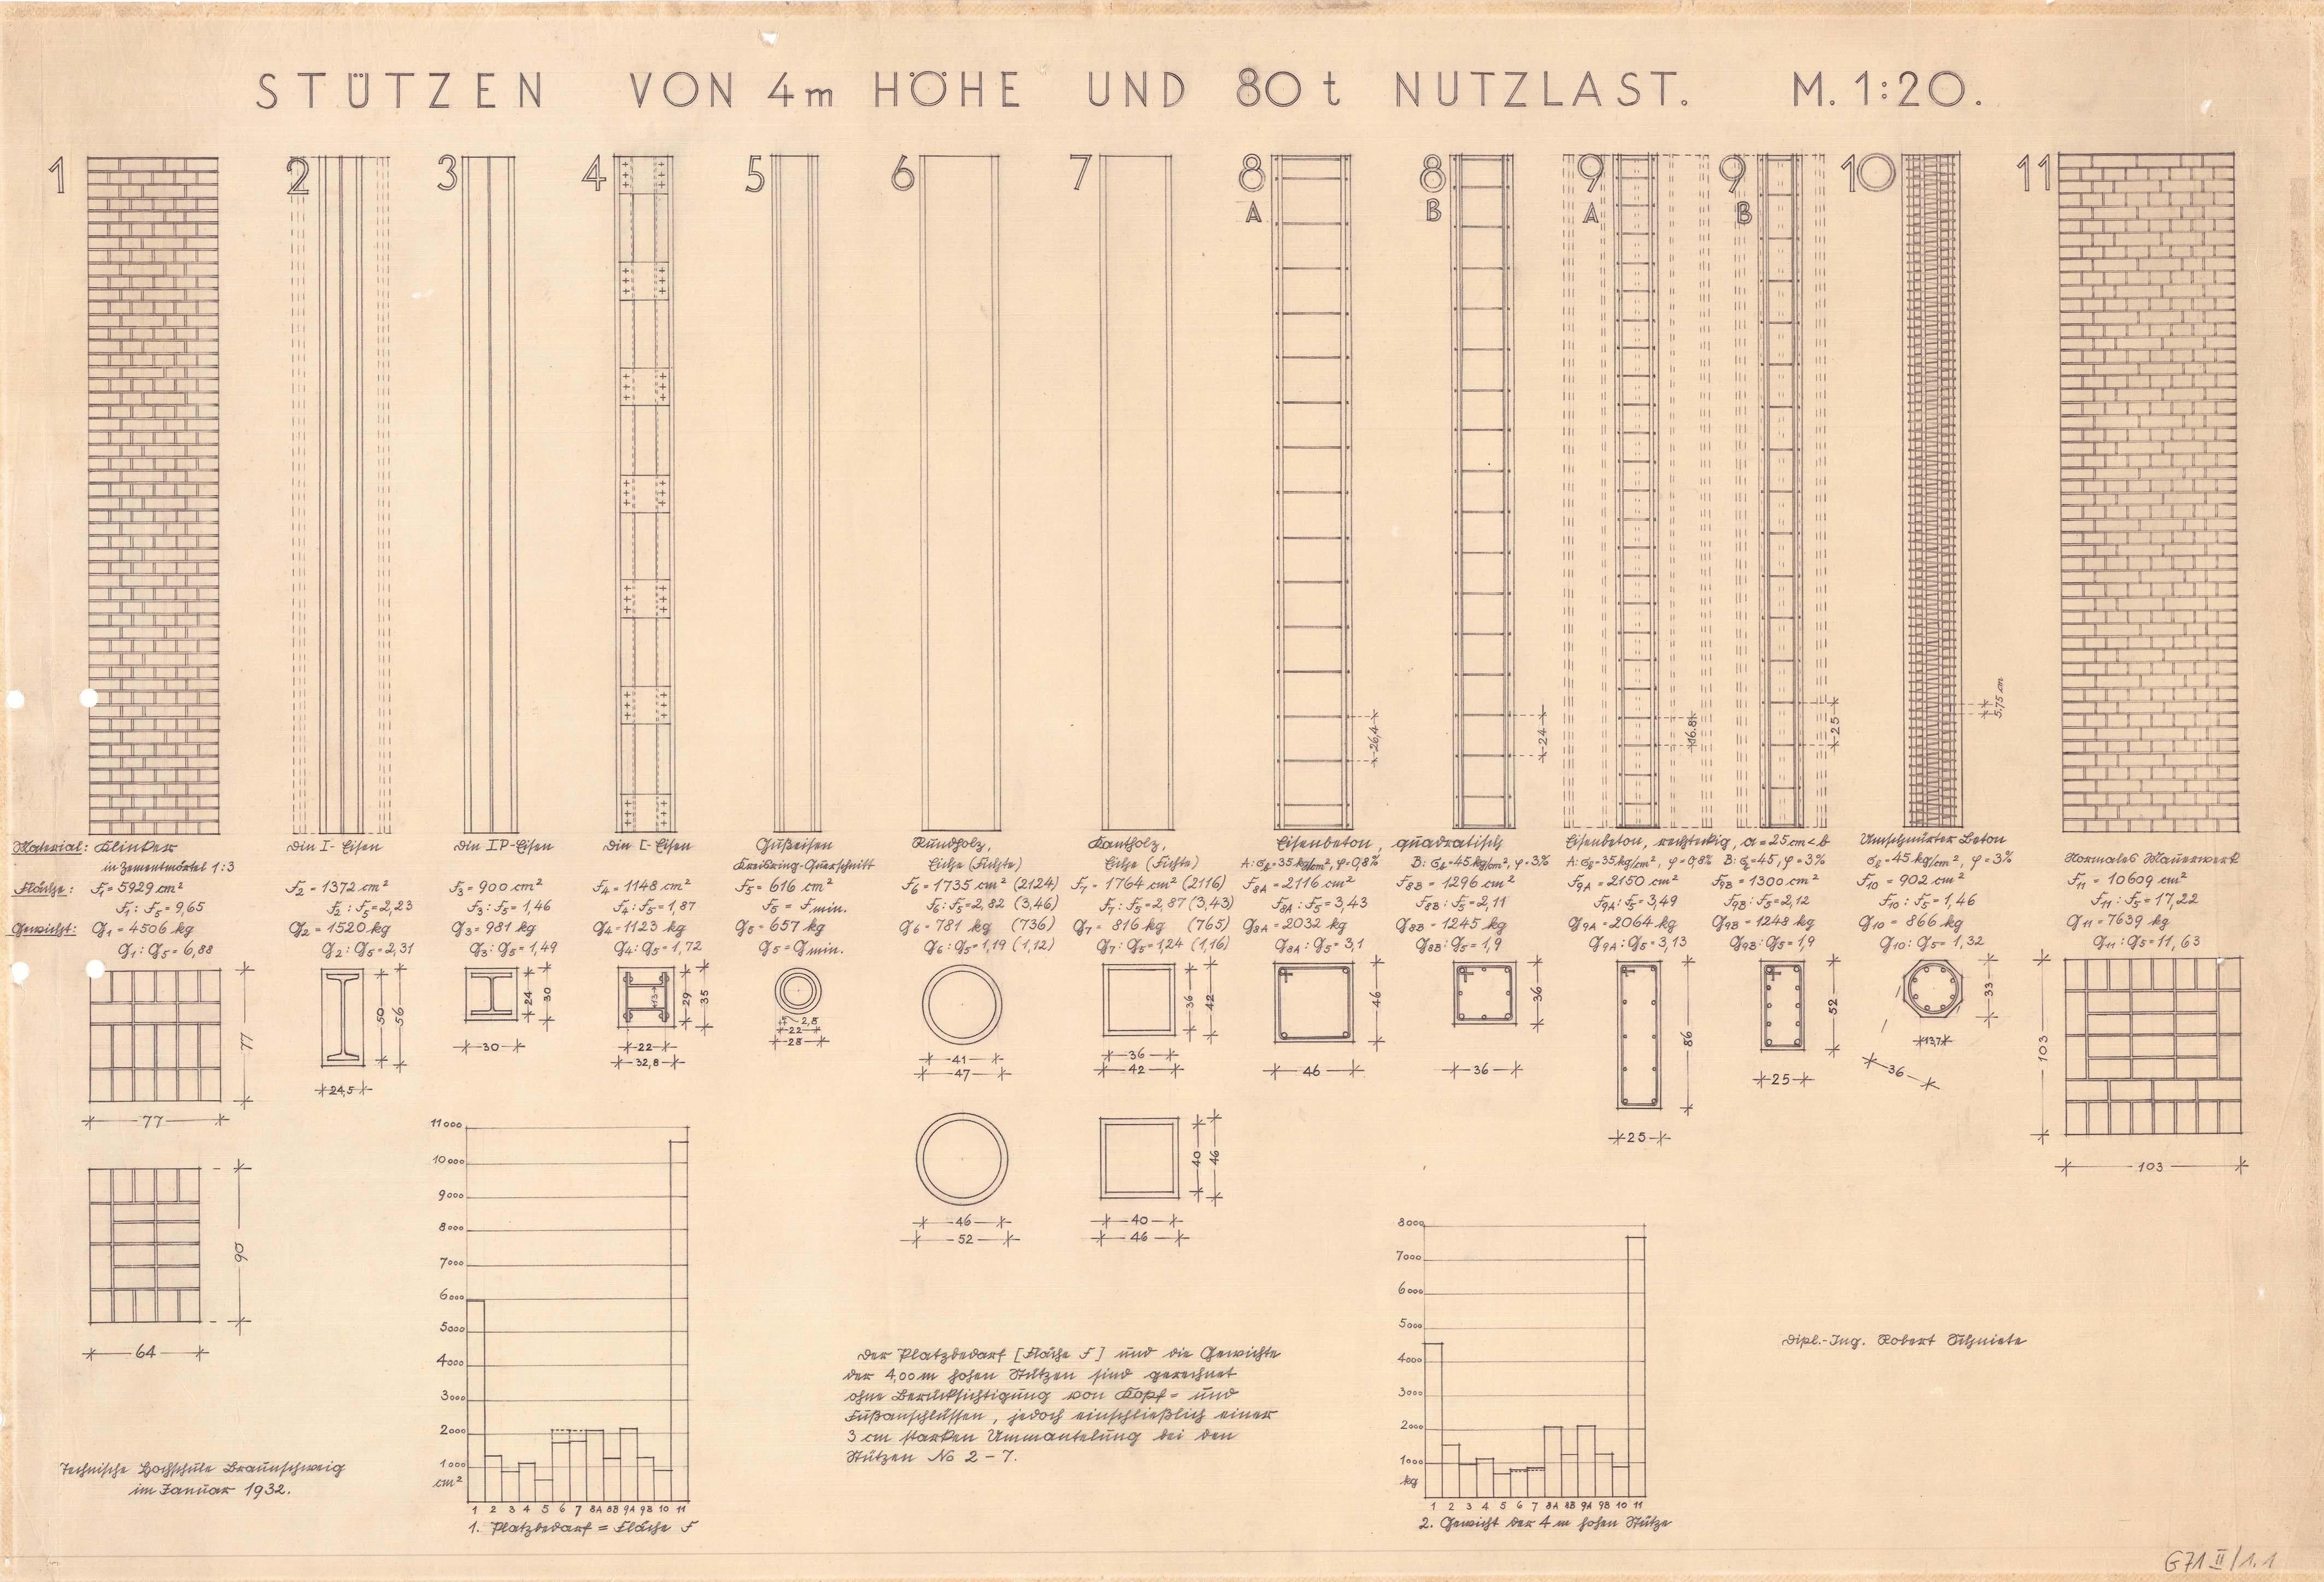 SAIB G071 II1 1 Stuetzenvon4m Hoeheund80t Nutzlast Schnietex